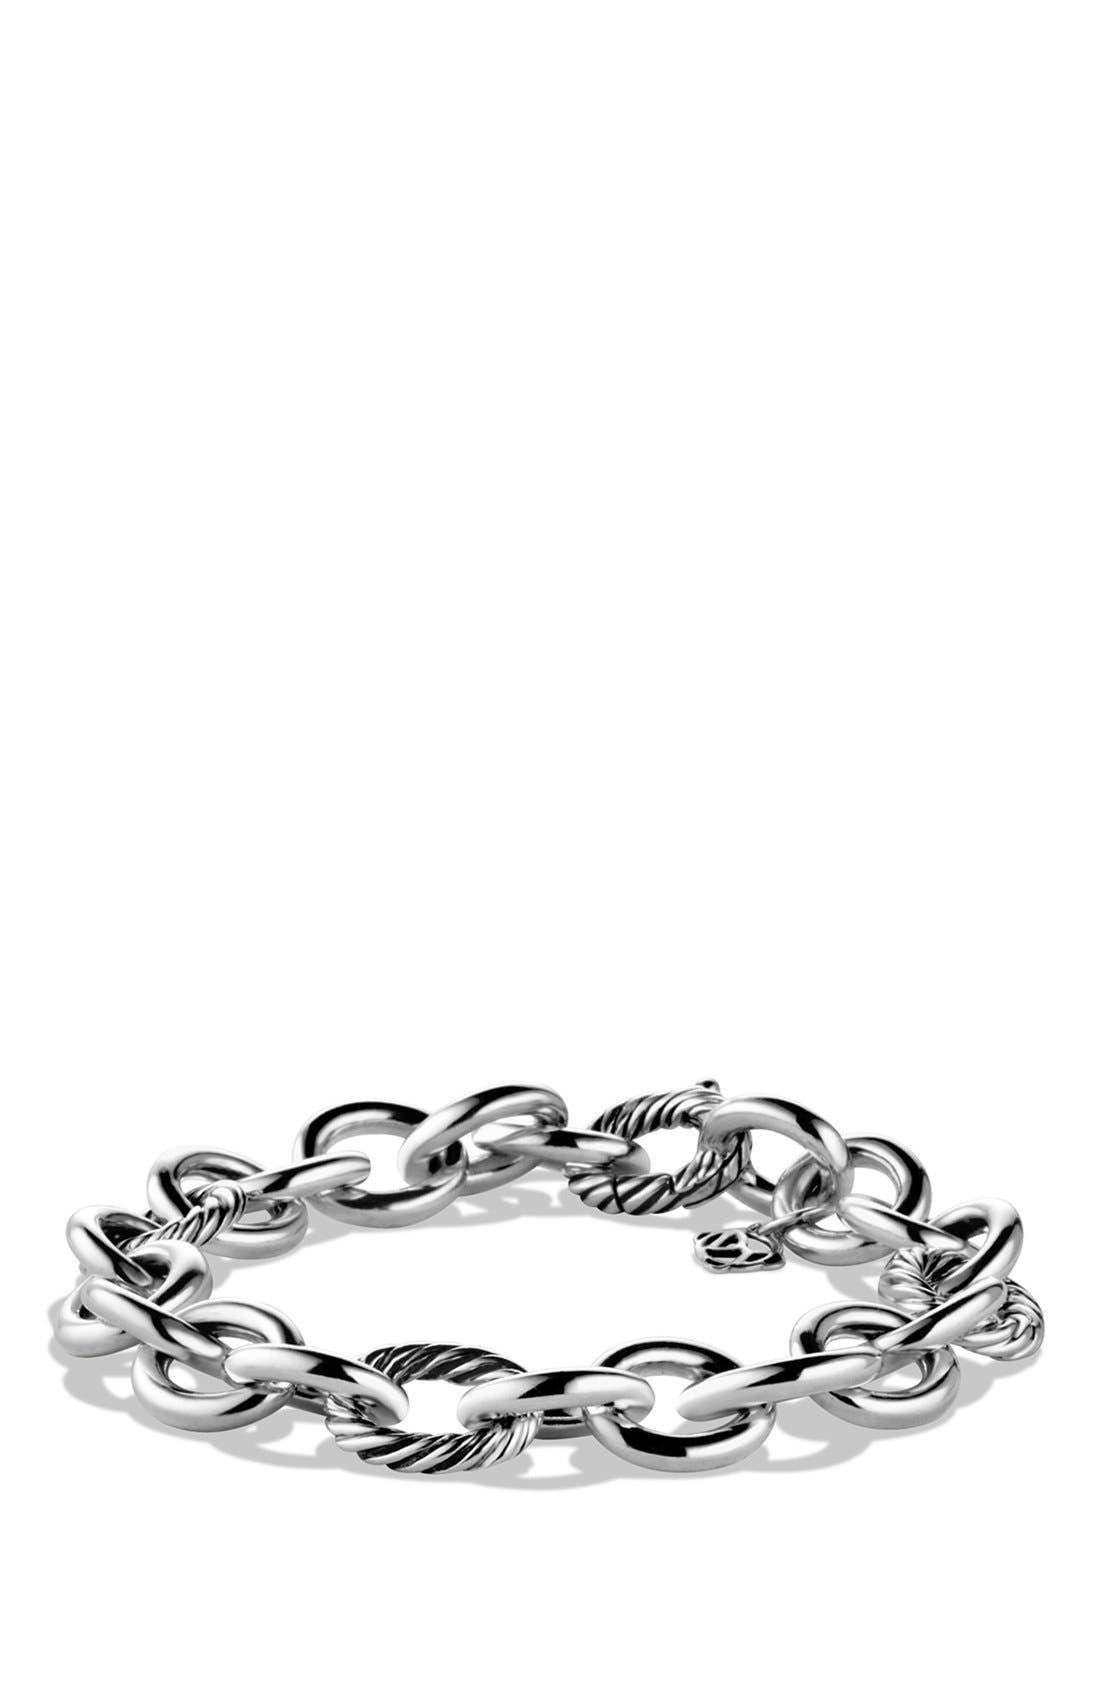 David Yurman 'Oval' Large Link Bracelet